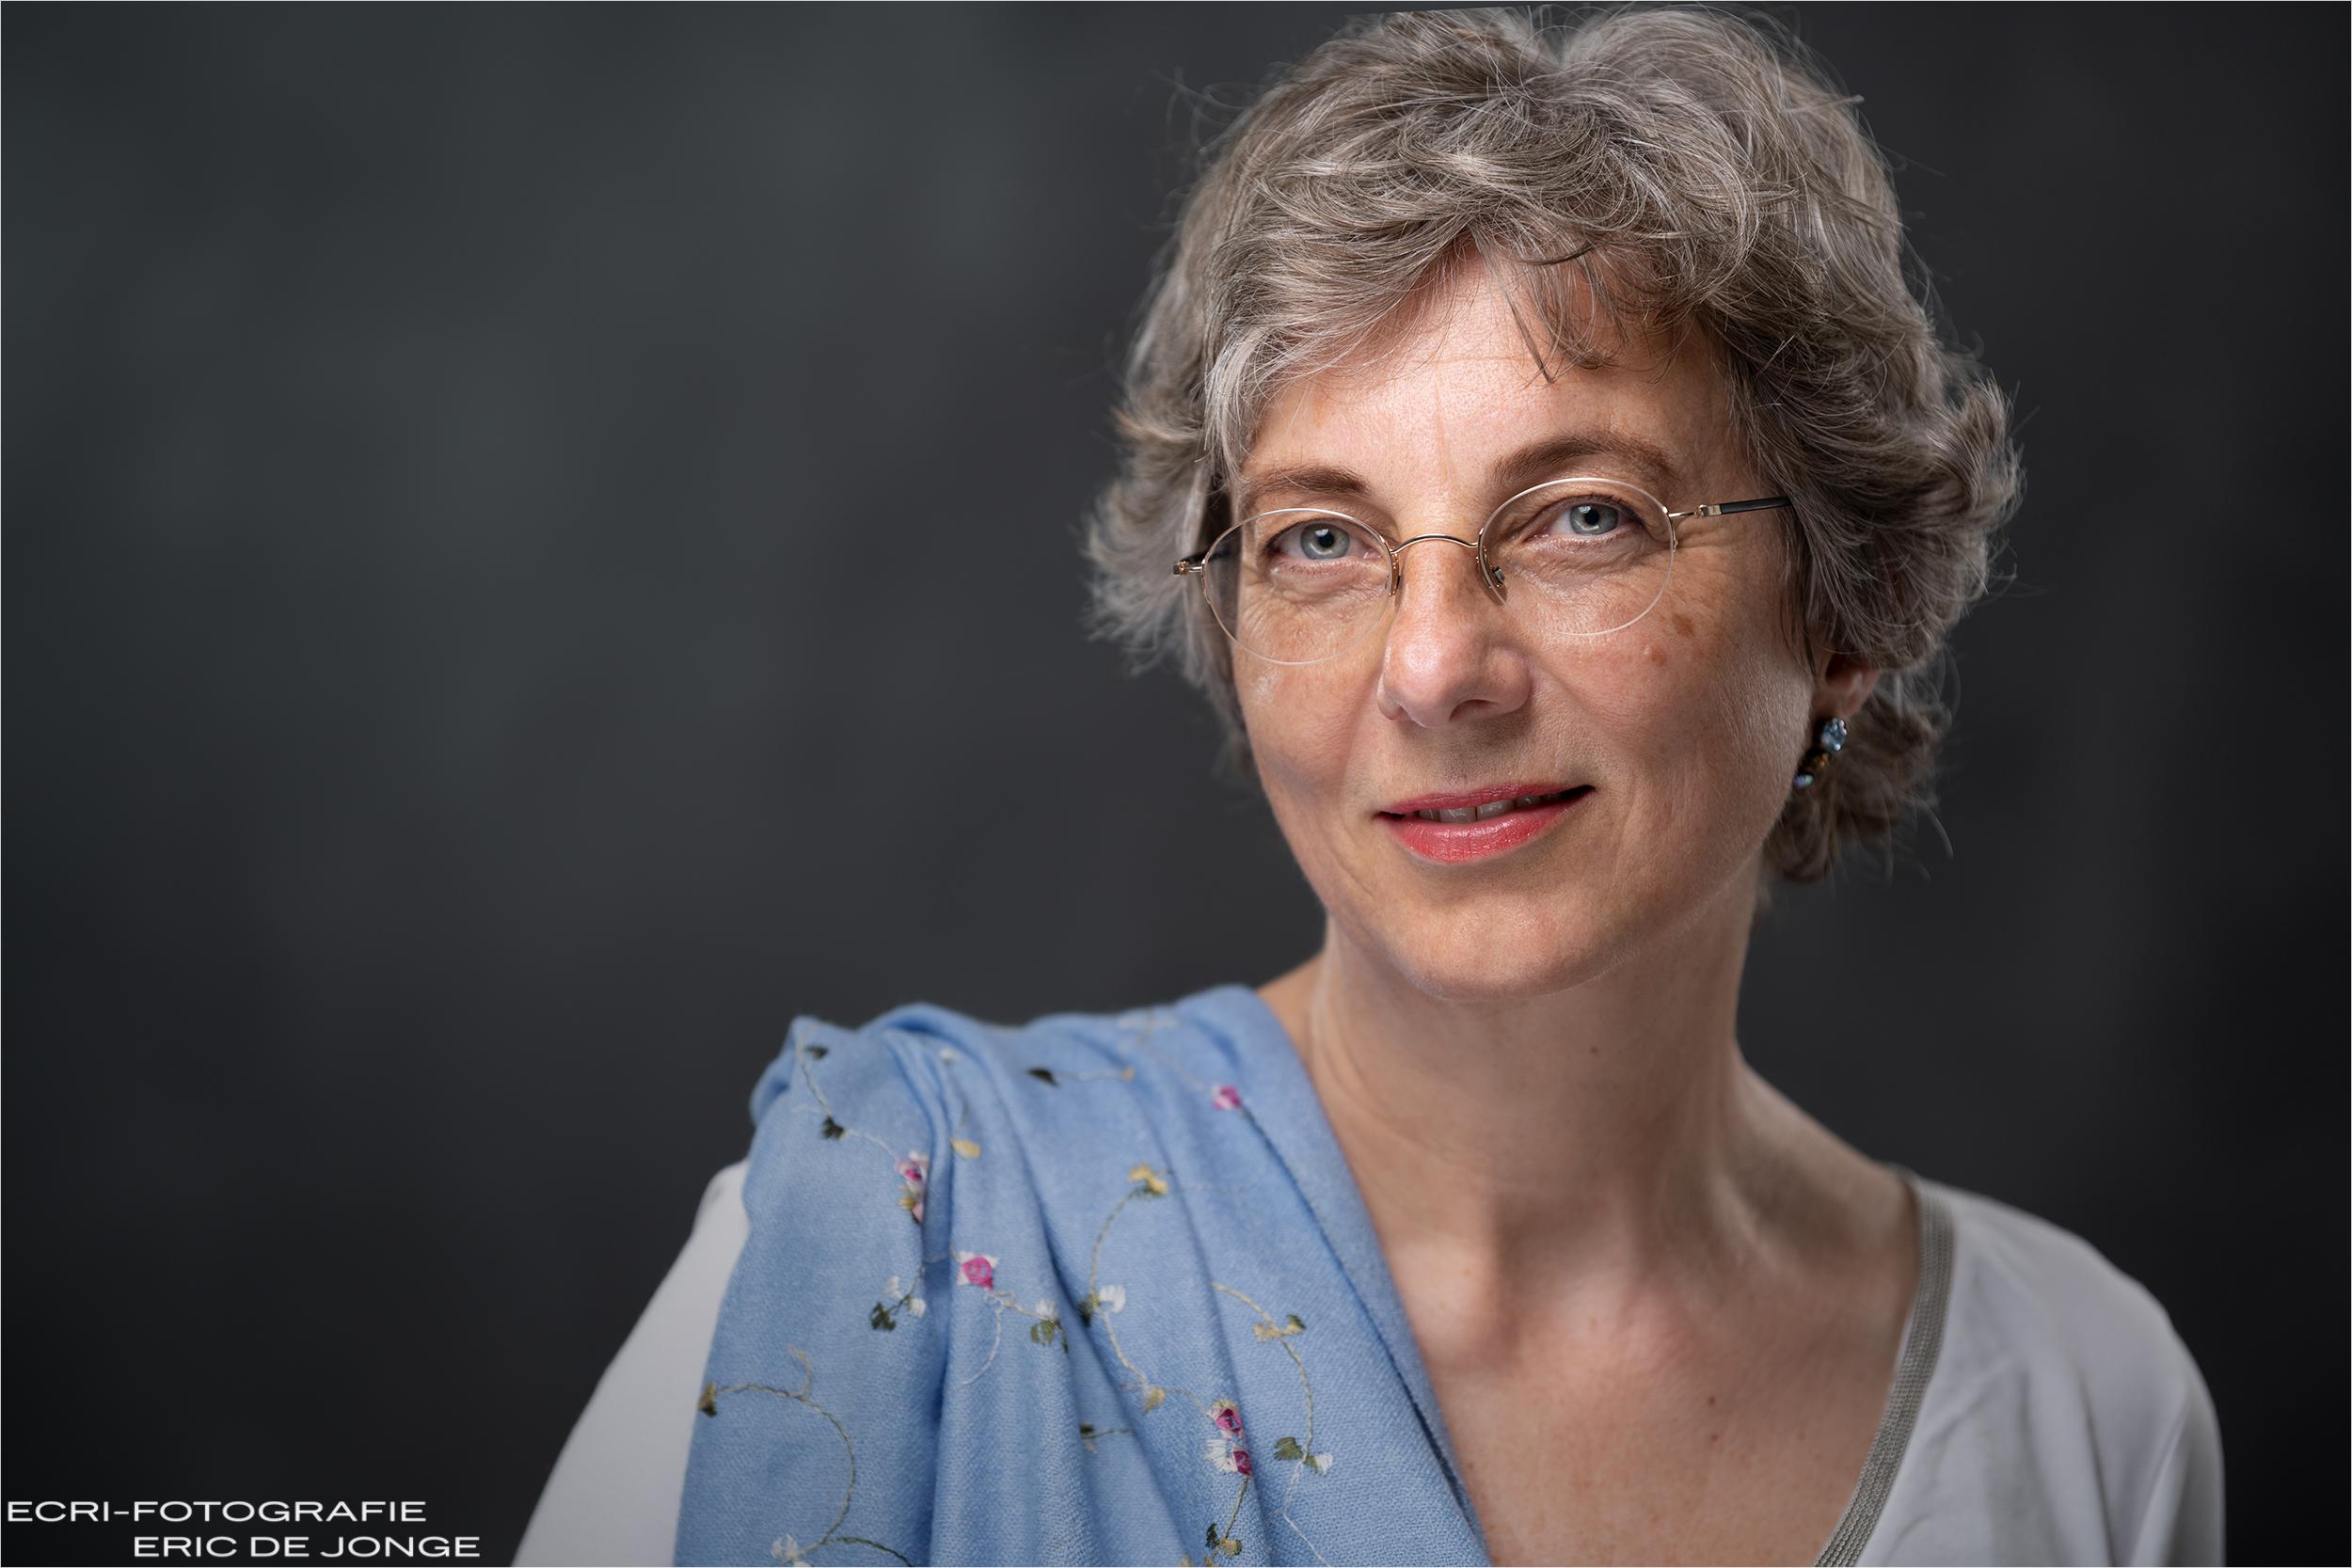 headshot, LinkedIn, portretfotografie, ecri-fotografie.nl, Eric de Jonge